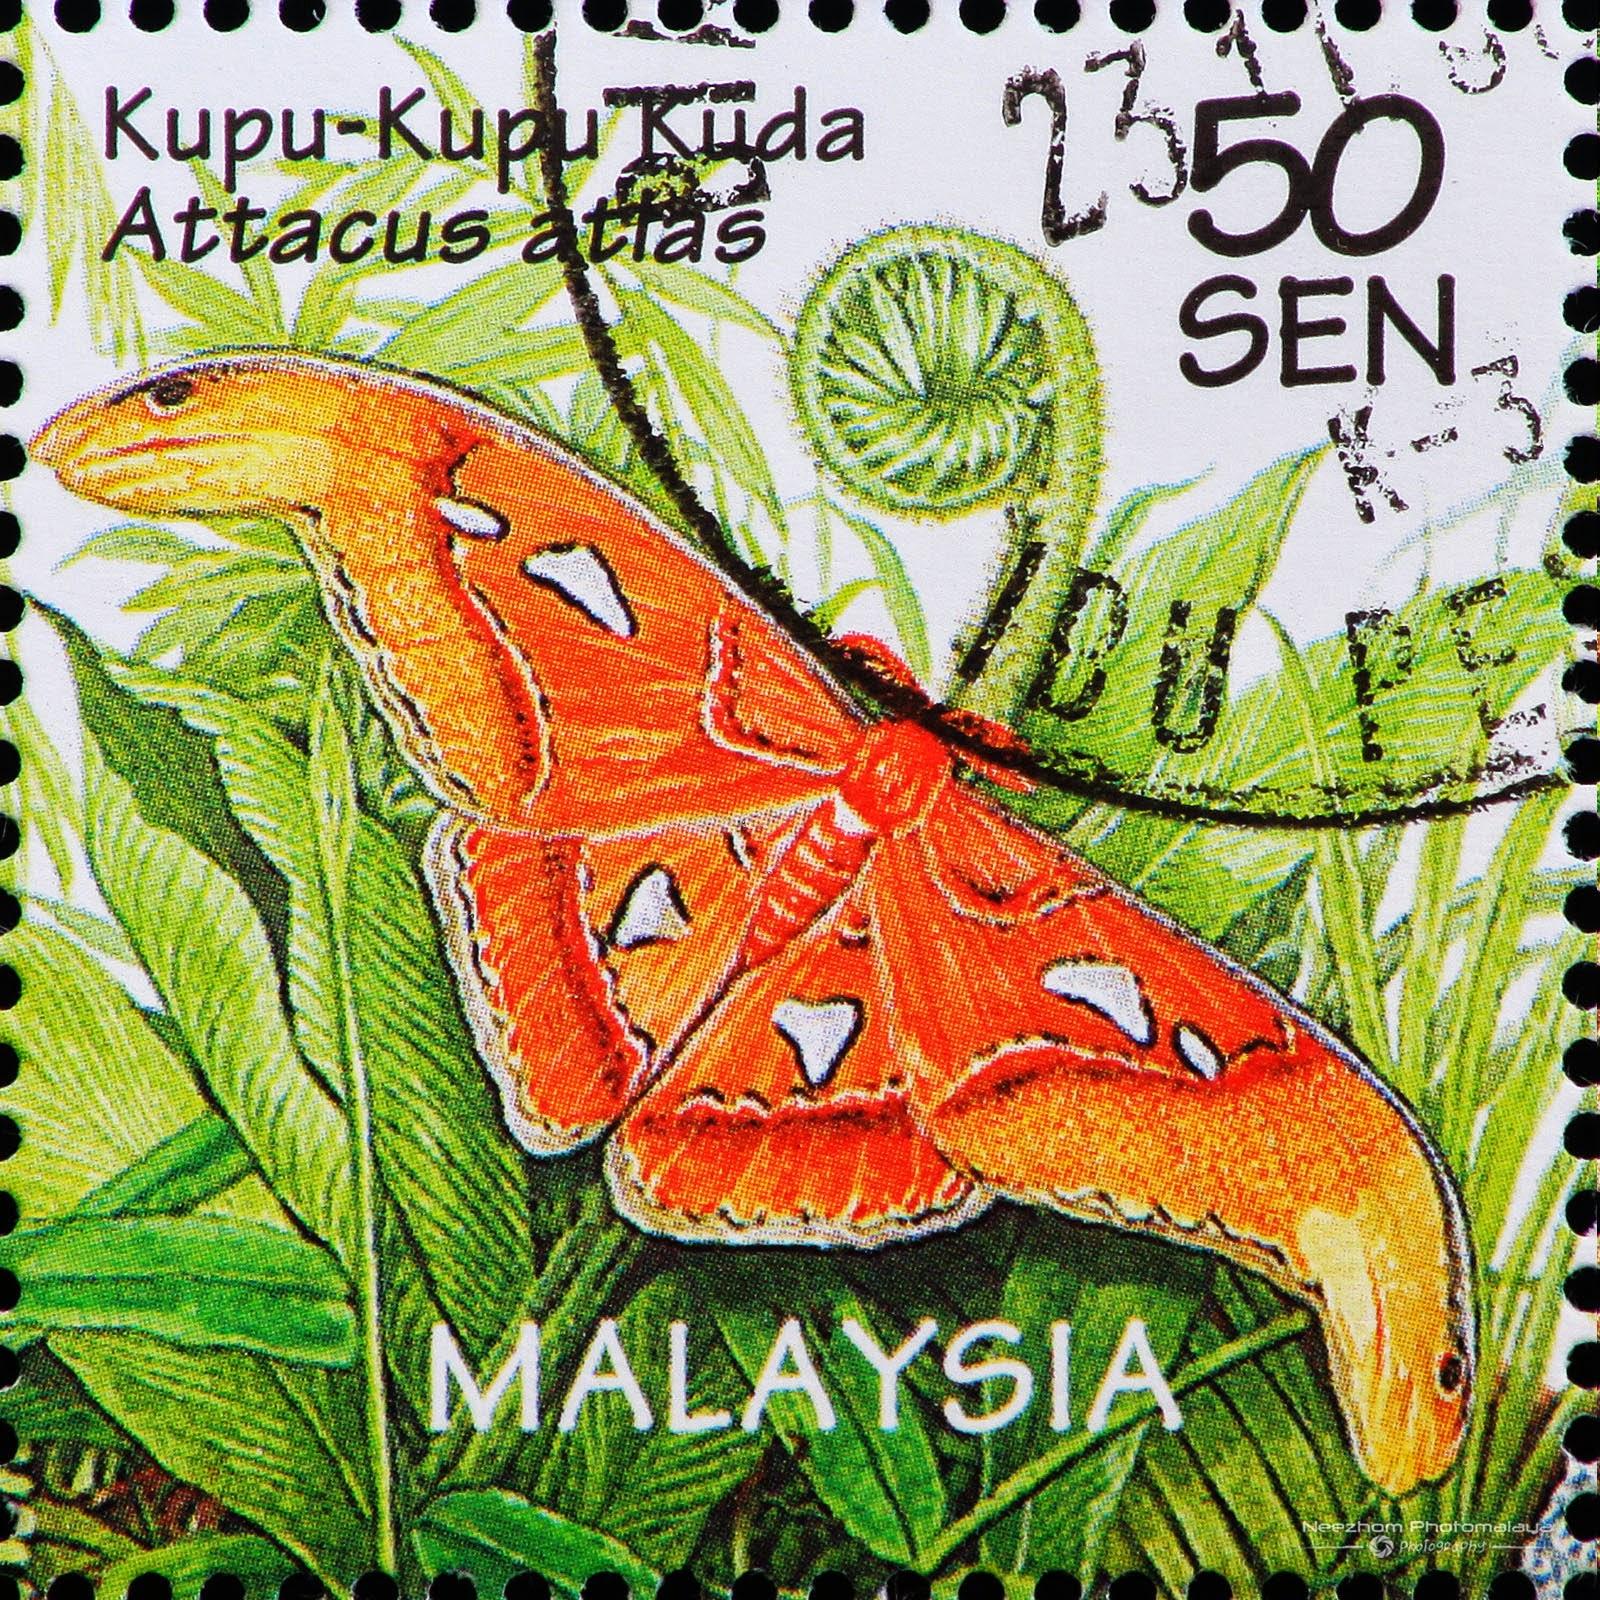 Malaysia 1996 Wildlife - Atlas Moth / Kupu-kupu Kuda (Attacus atlas) 50 sen